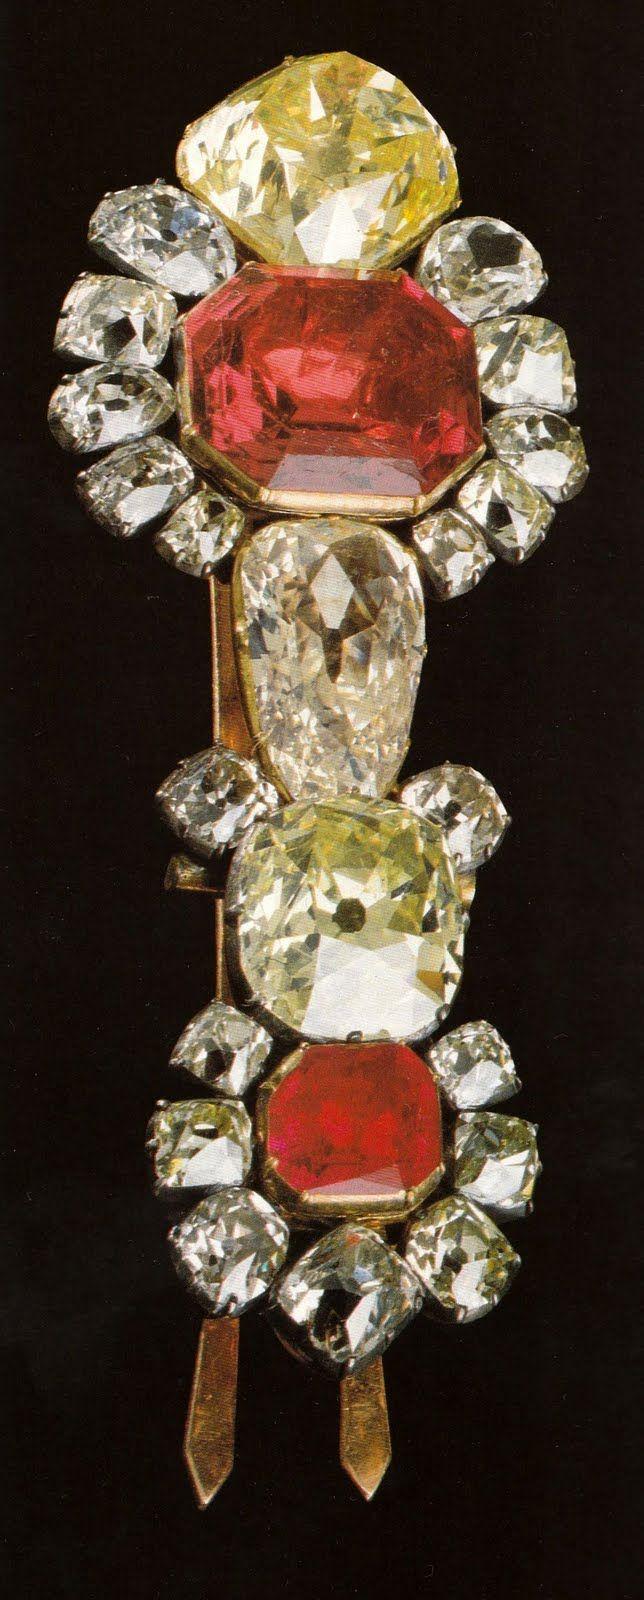 Resultado de imagem para Passador de Grã-Cruz. De Ouro, Prata, Espinela, Rubi e Brilhantes. Pertencia inicialmente a D. João VI.